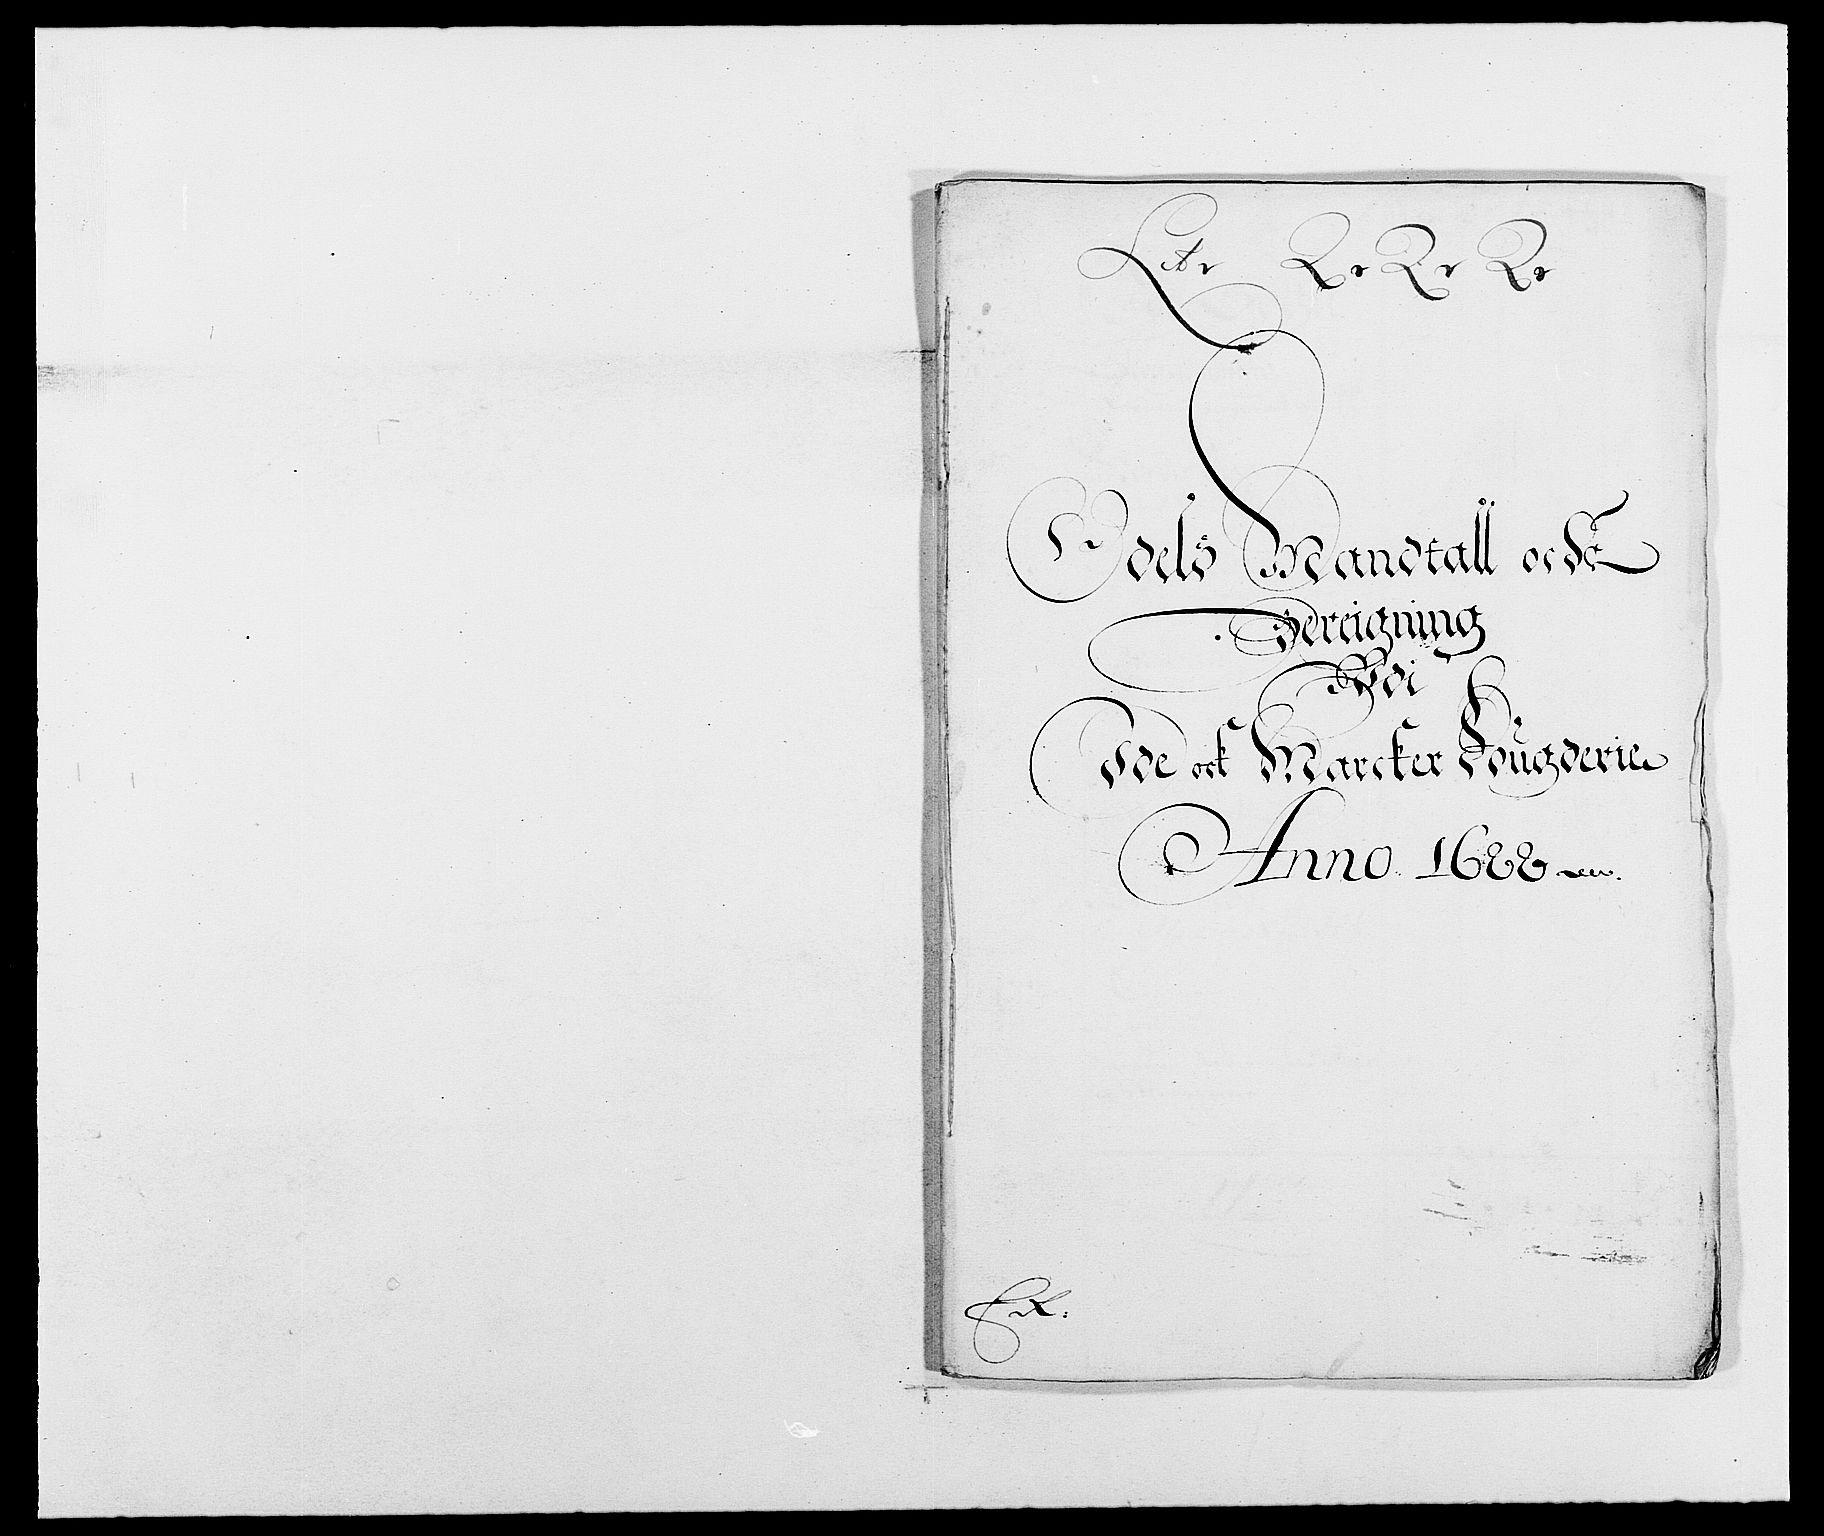 RA, Rentekammeret inntil 1814, Reviderte regnskaper, Fogderegnskap, R01/L0007: Fogderegnskap Idd og Marker, 1687-1688, s. 280